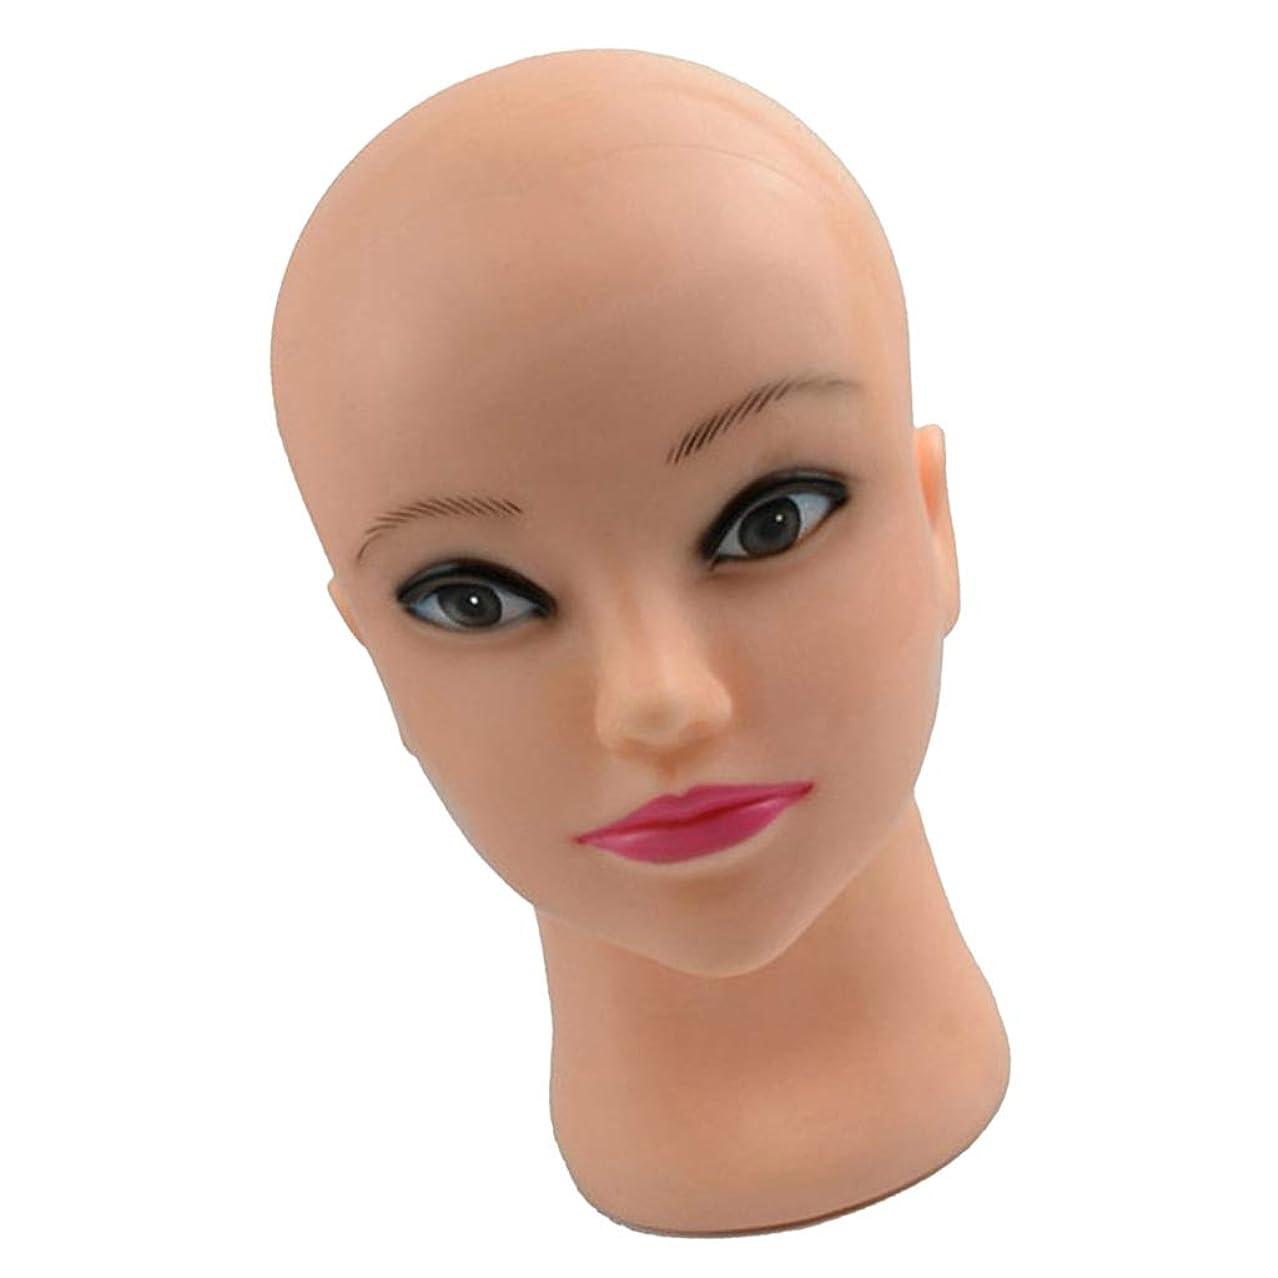 長くするダーツお金Perfeclan マネキンヘッド メイク 化粧練習 シリコーン メイク練習用 モデル 美容室用 トレーニングに